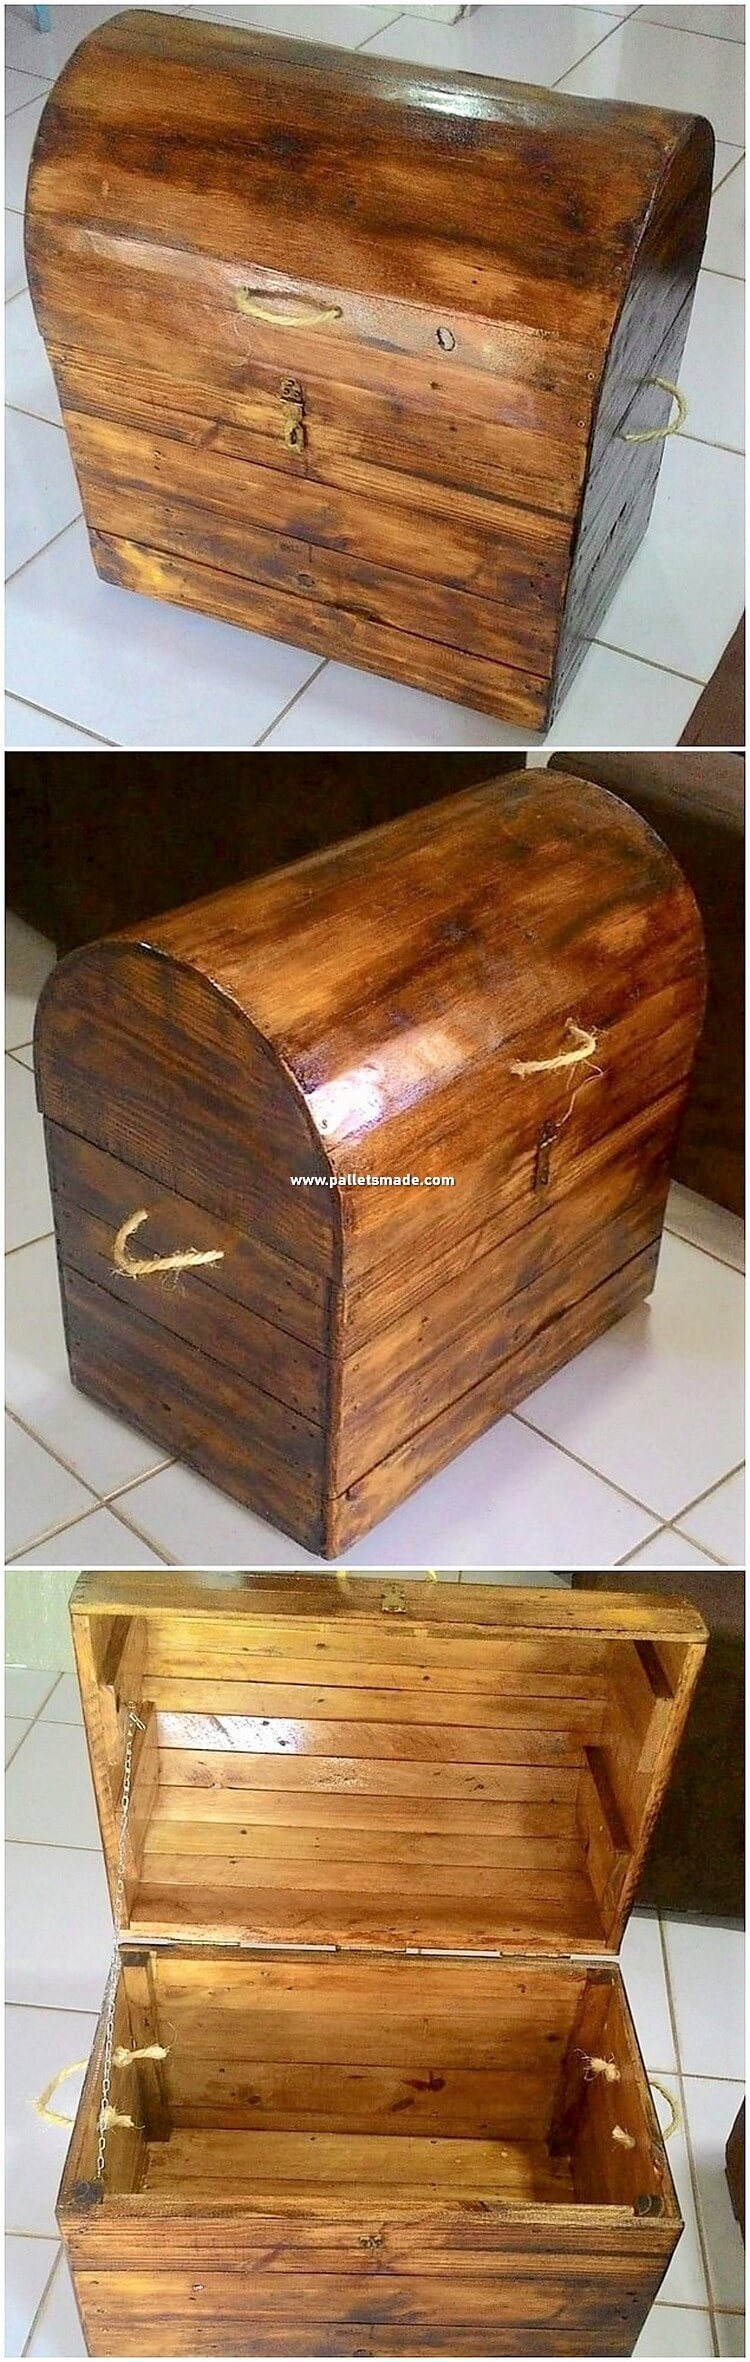 Wood Pallet Storage Box